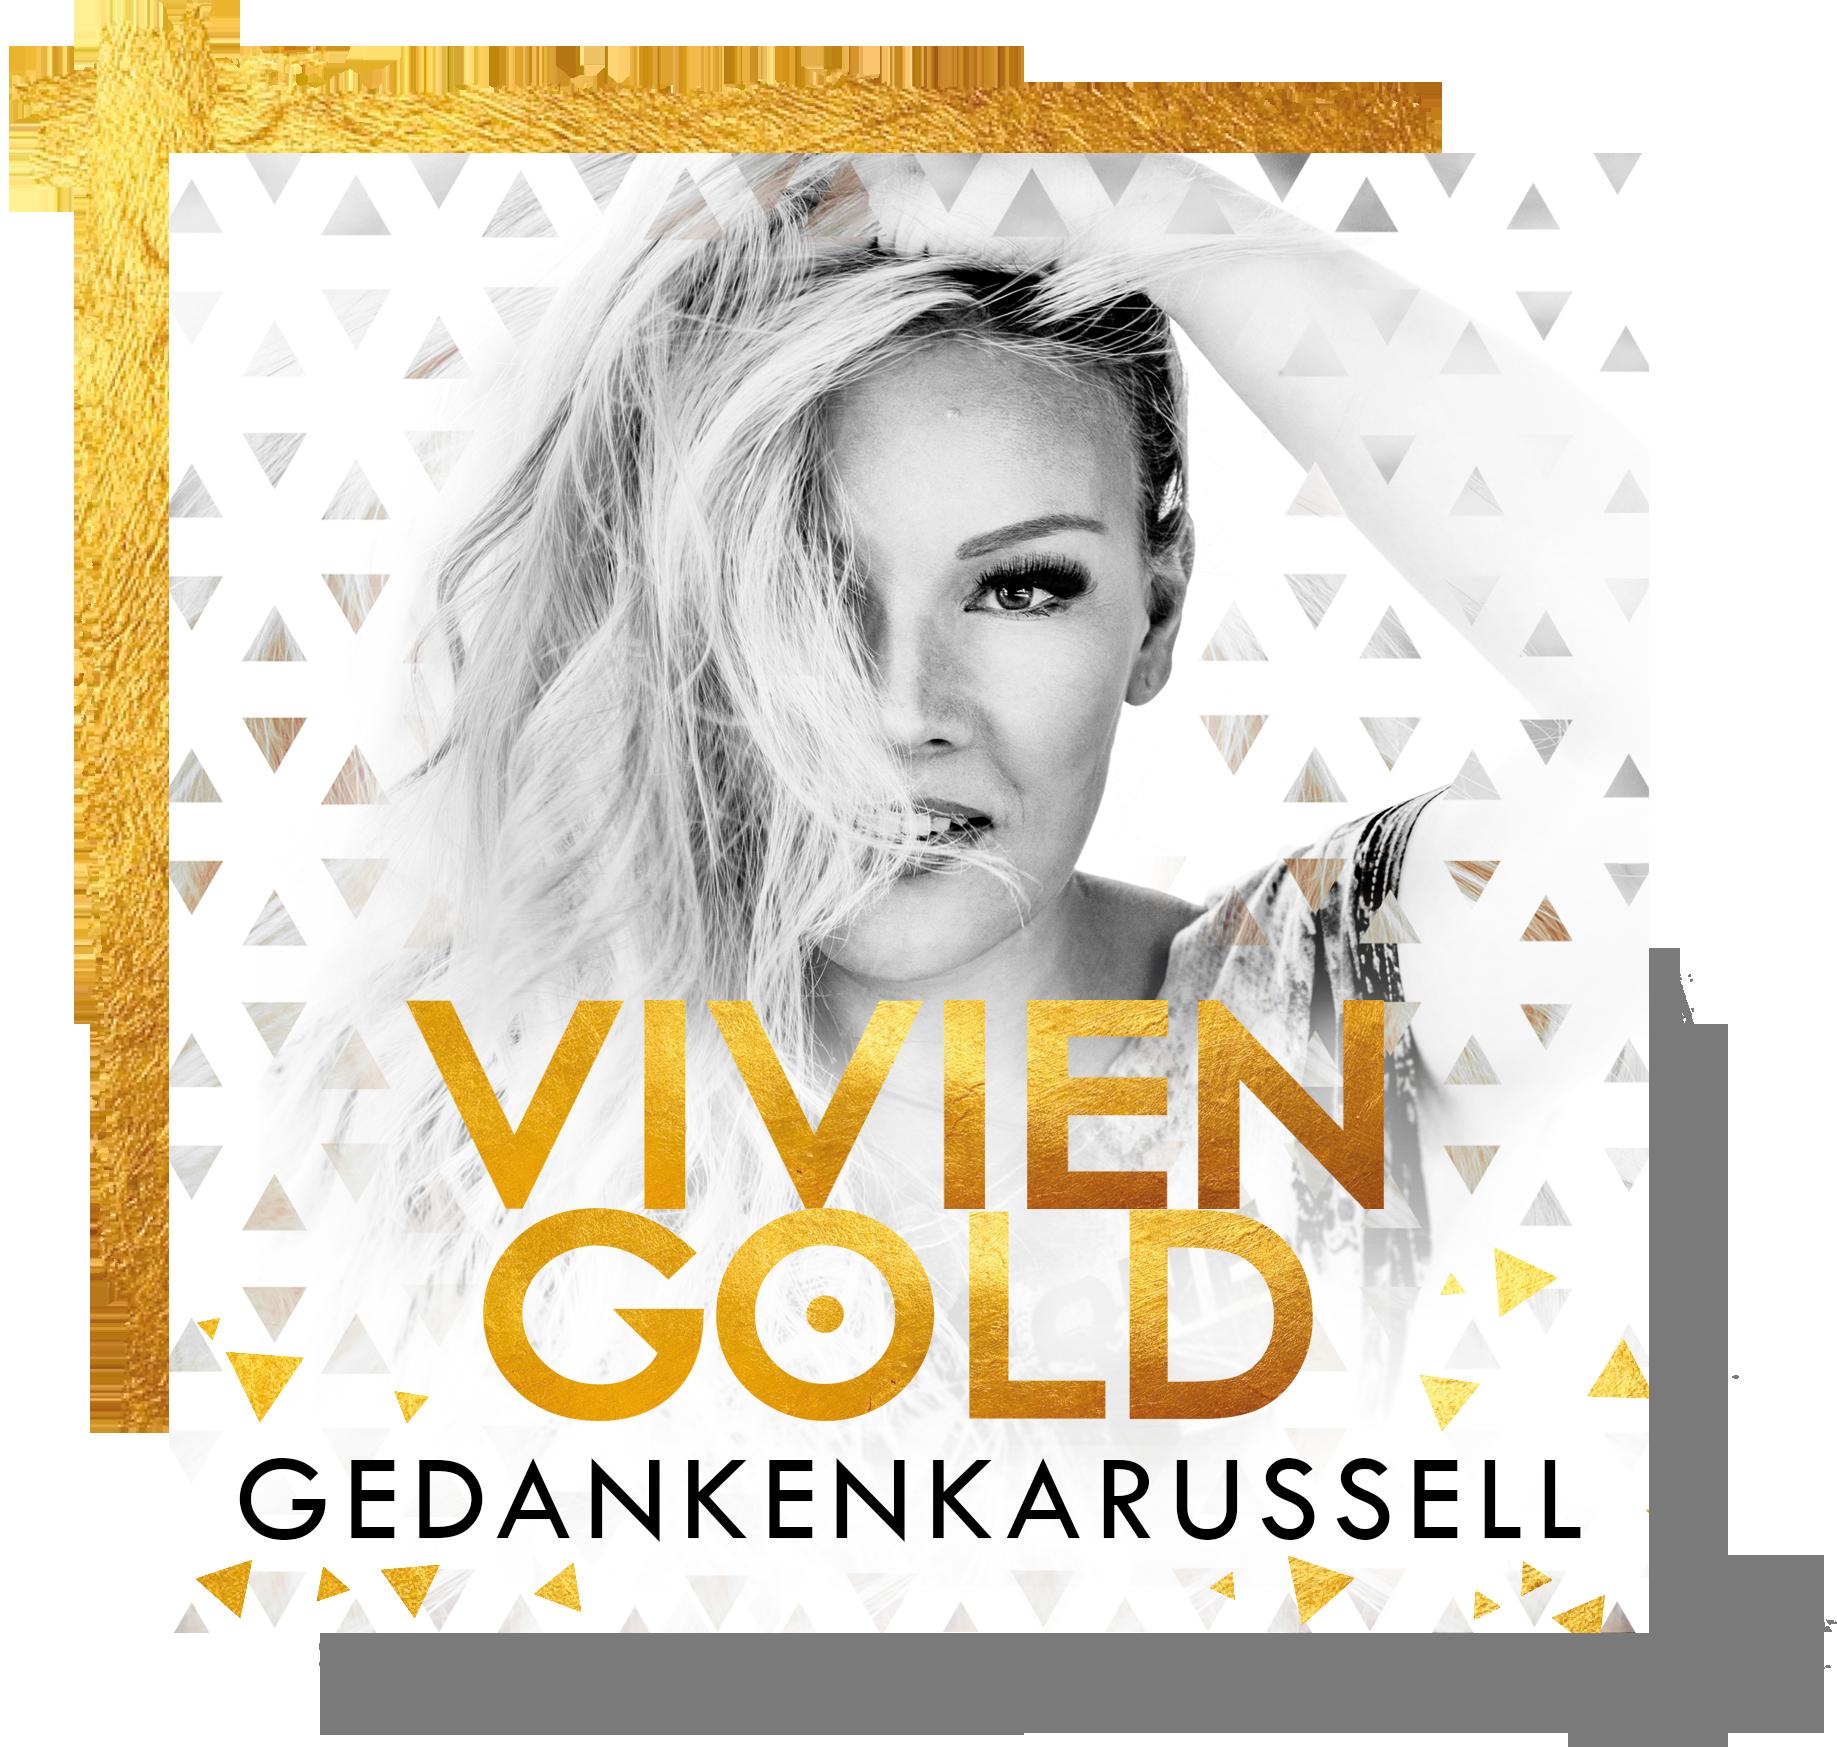 Schlagersängerin Vivien Gold - Album Gedankenkarussell Cover